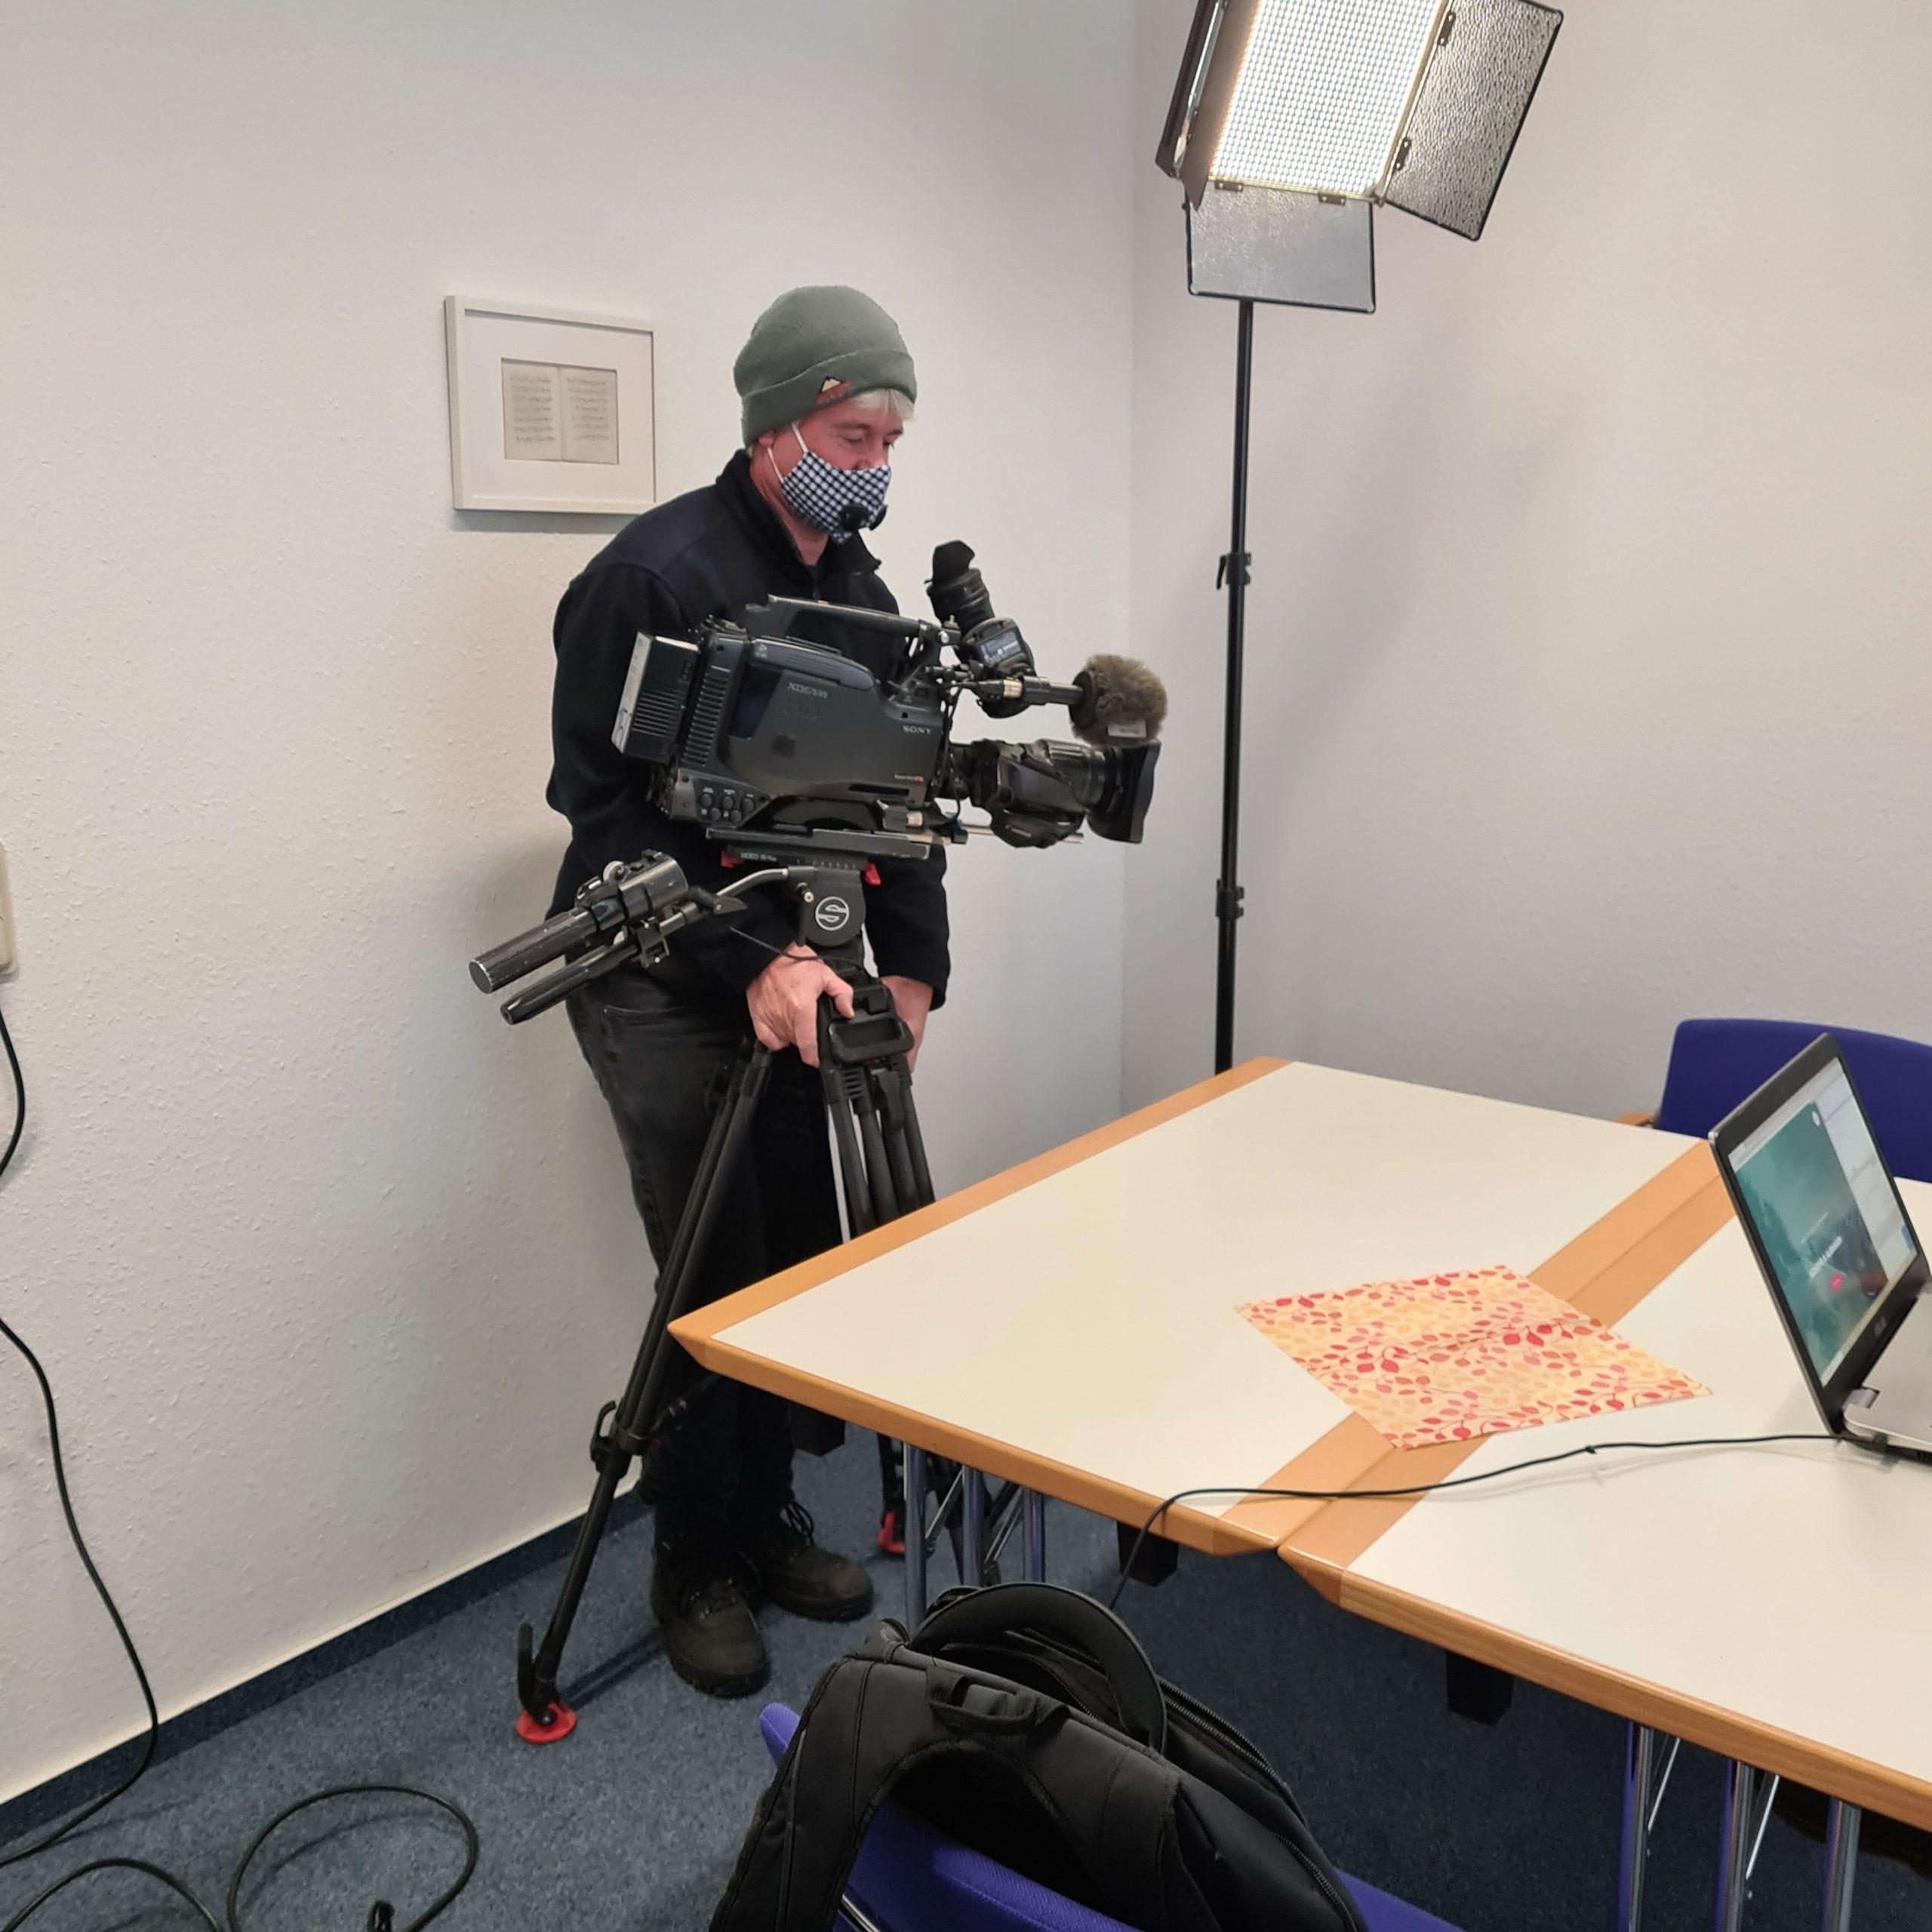 Projekt MiNET Saar am 20.1.2021 im SR-Fernsehen